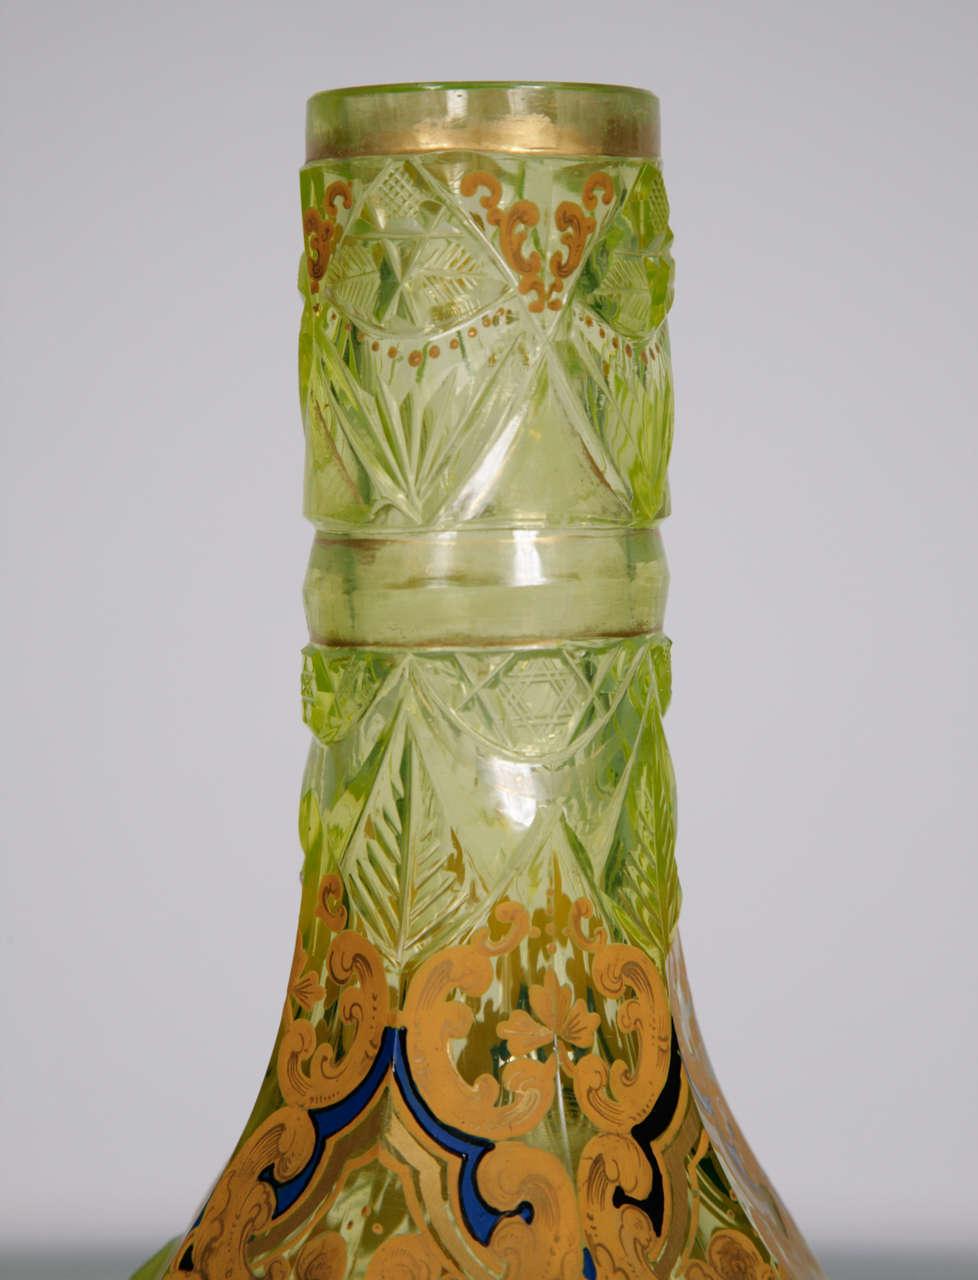 how to buy a hookah vase